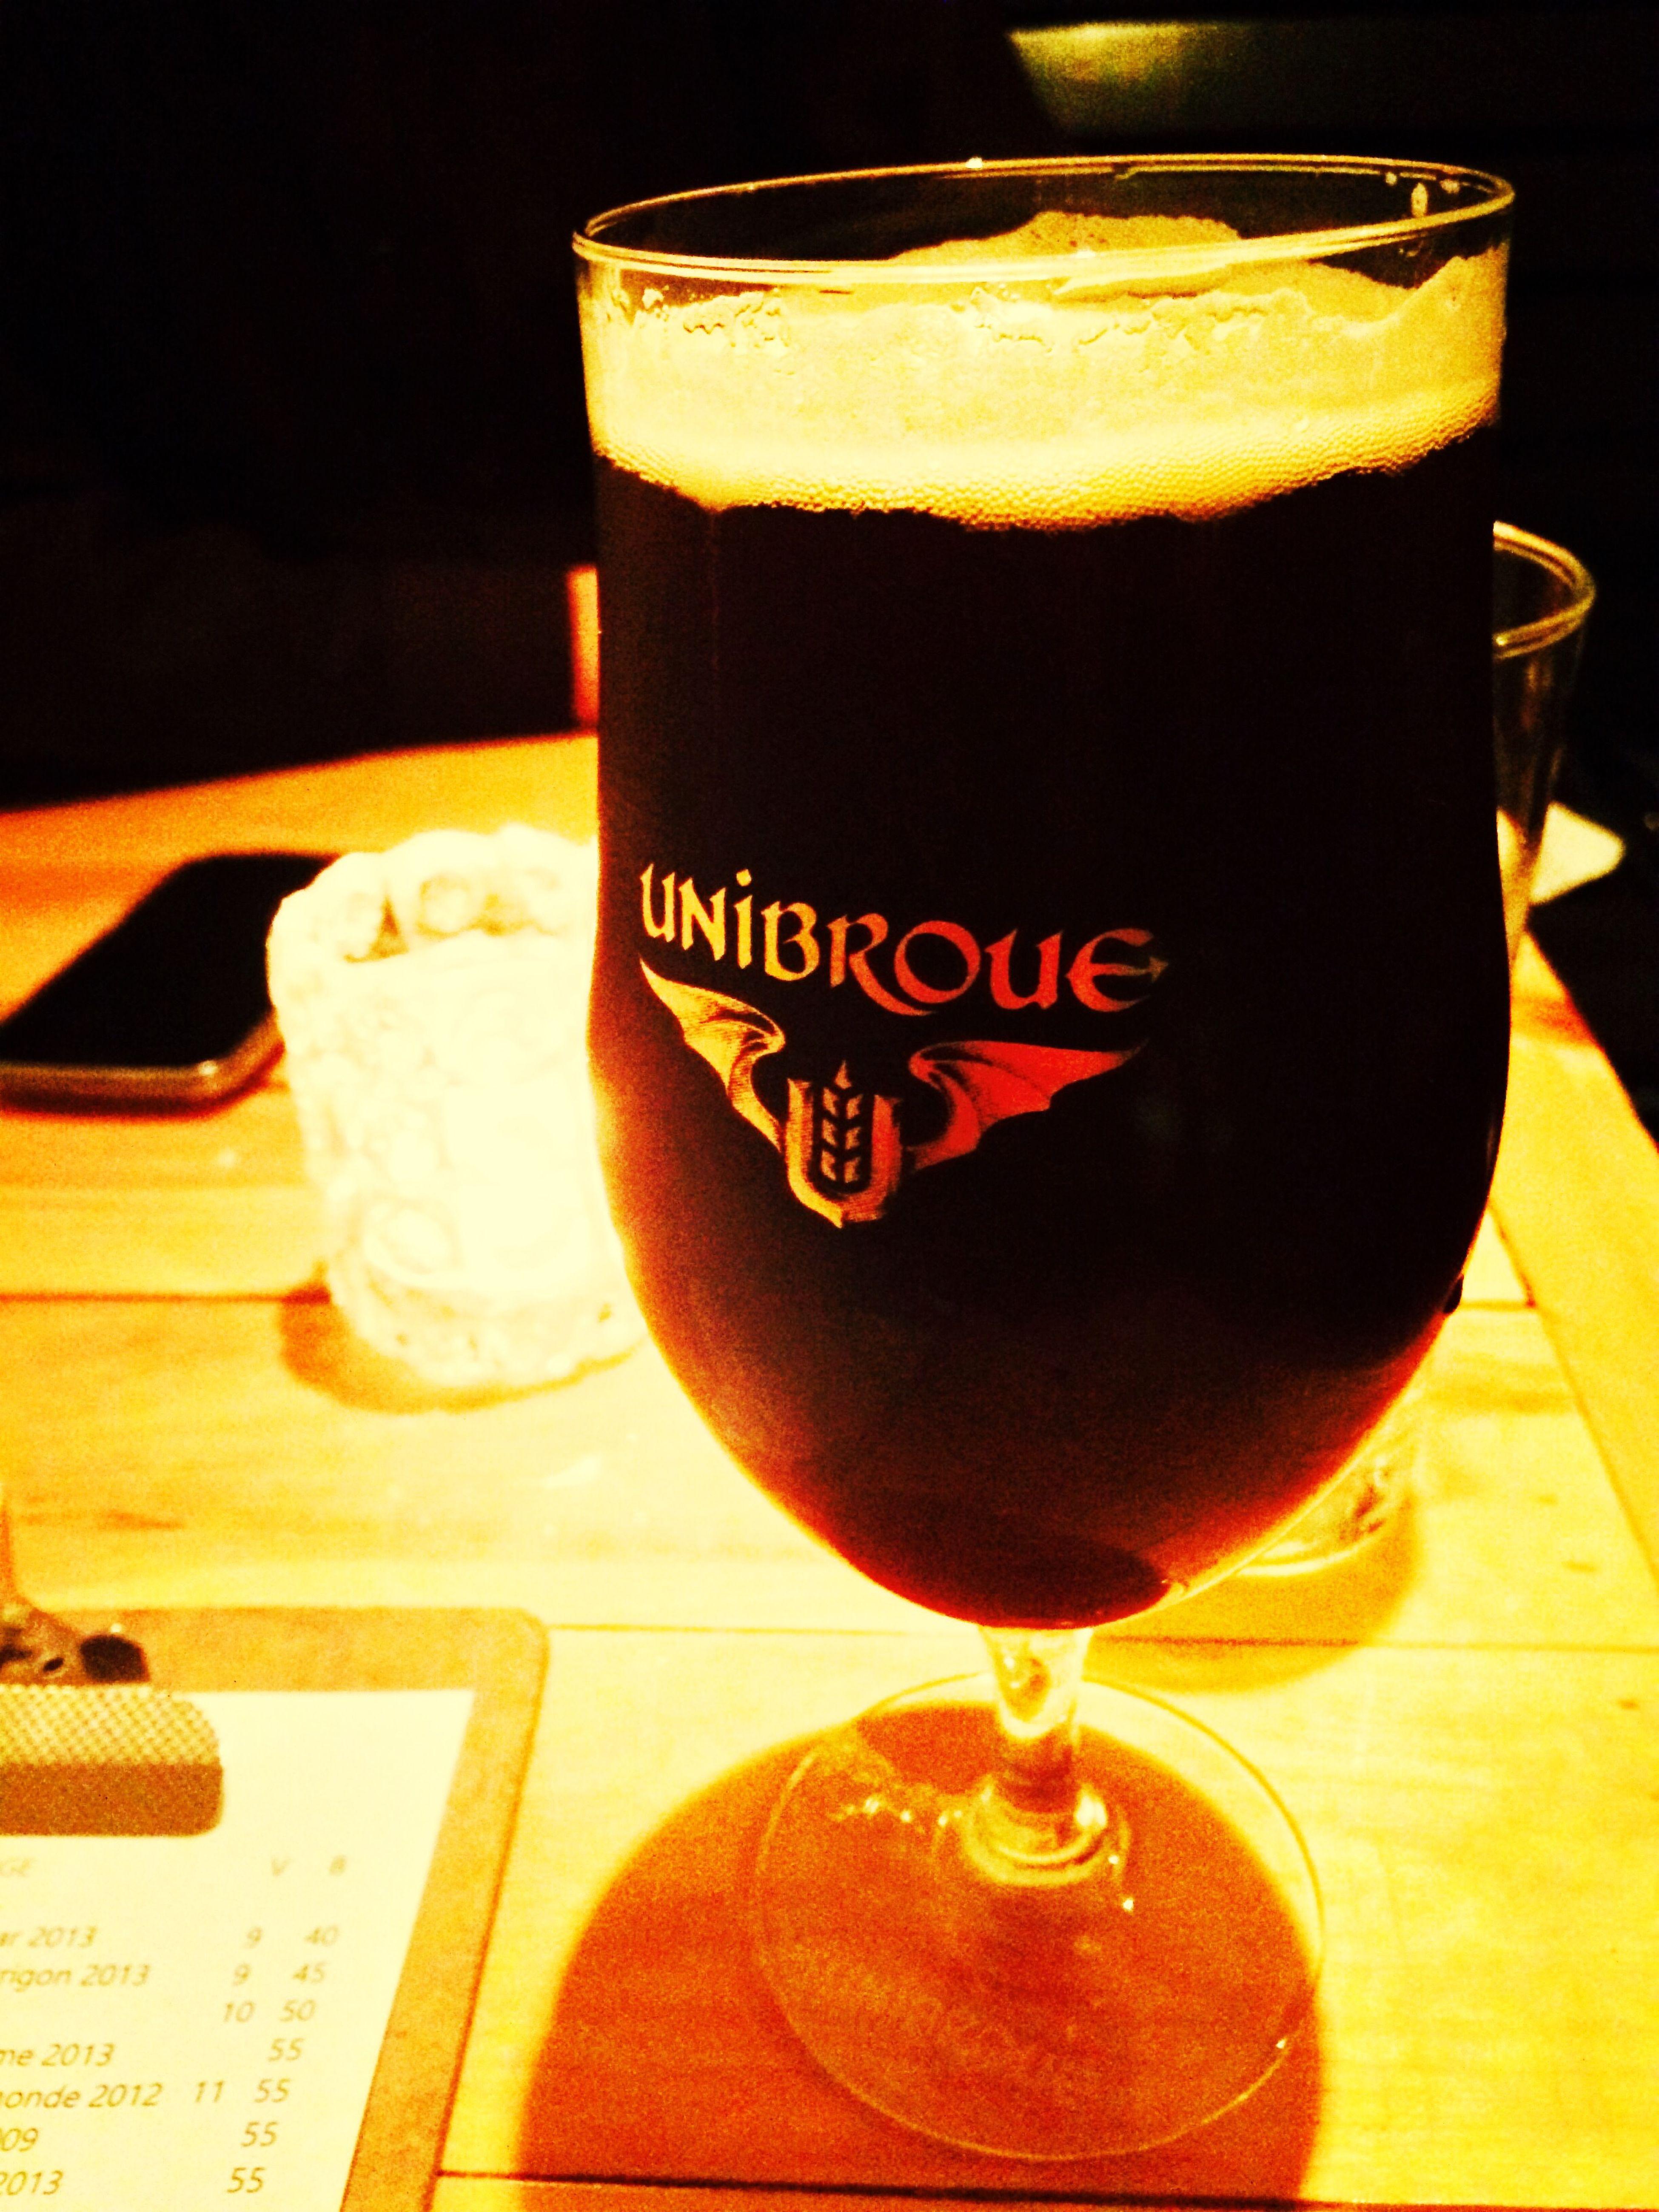 La Résolution Beer Bière Unibroue Montréal Quebec Canada